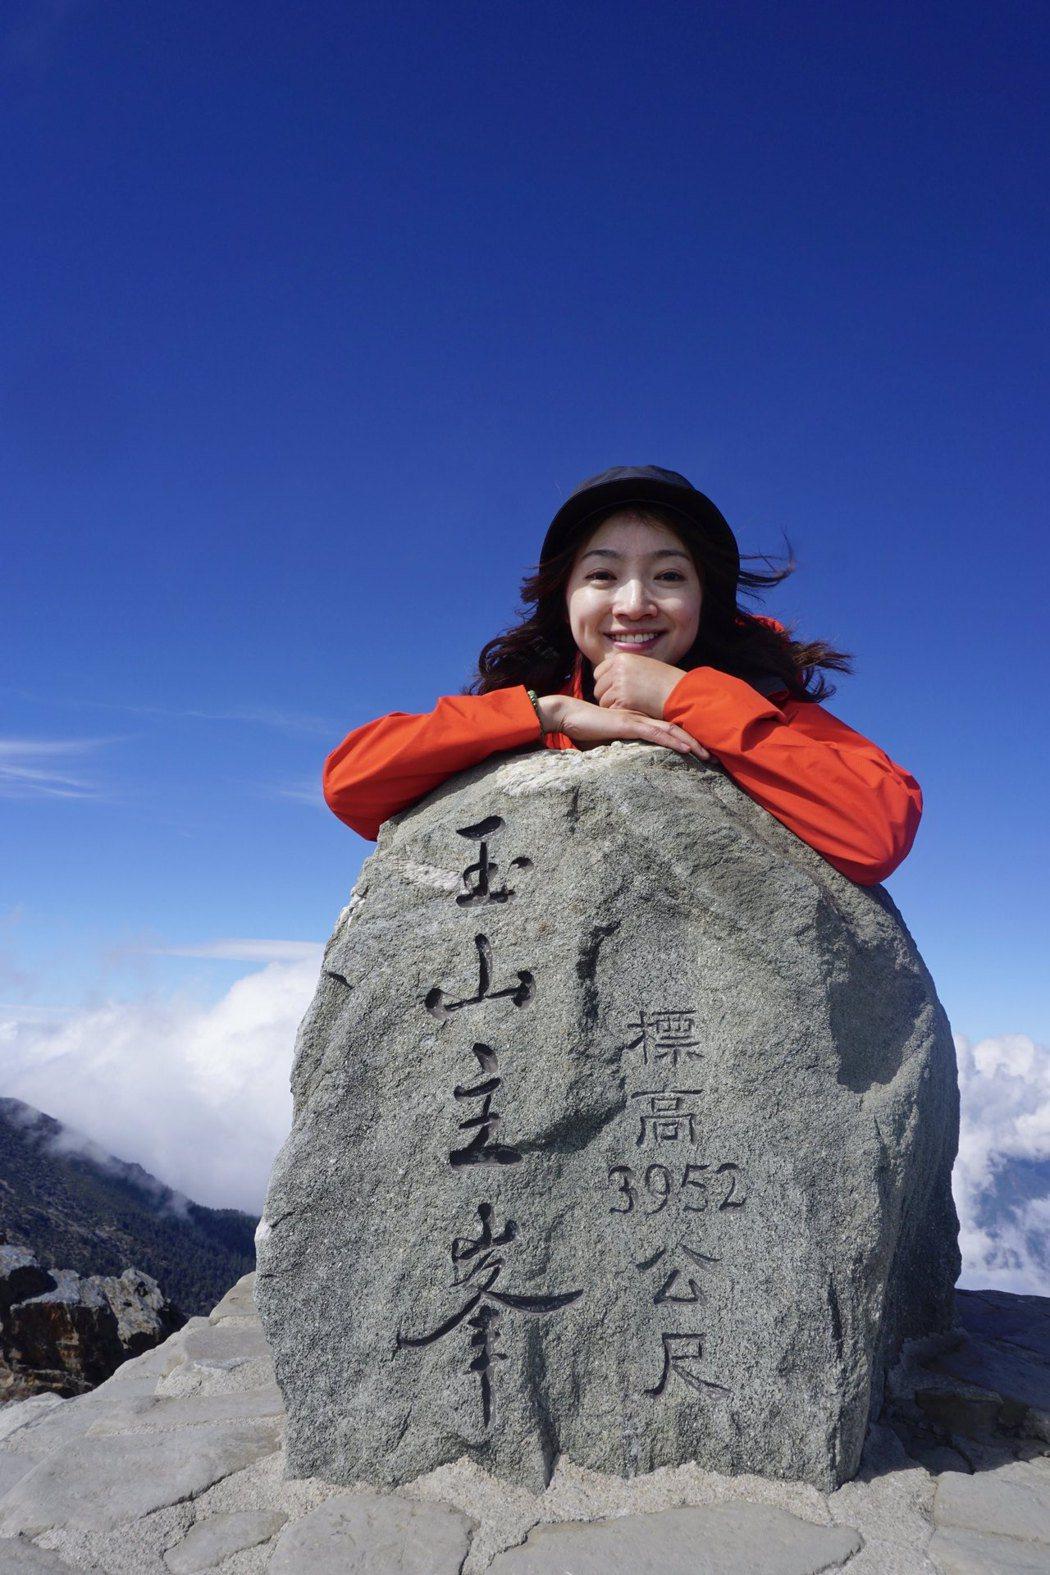 楊桃兒過去是不愛運動的超宅女,如今3年內挑戰57座百座。圖片由楊桃兒授權